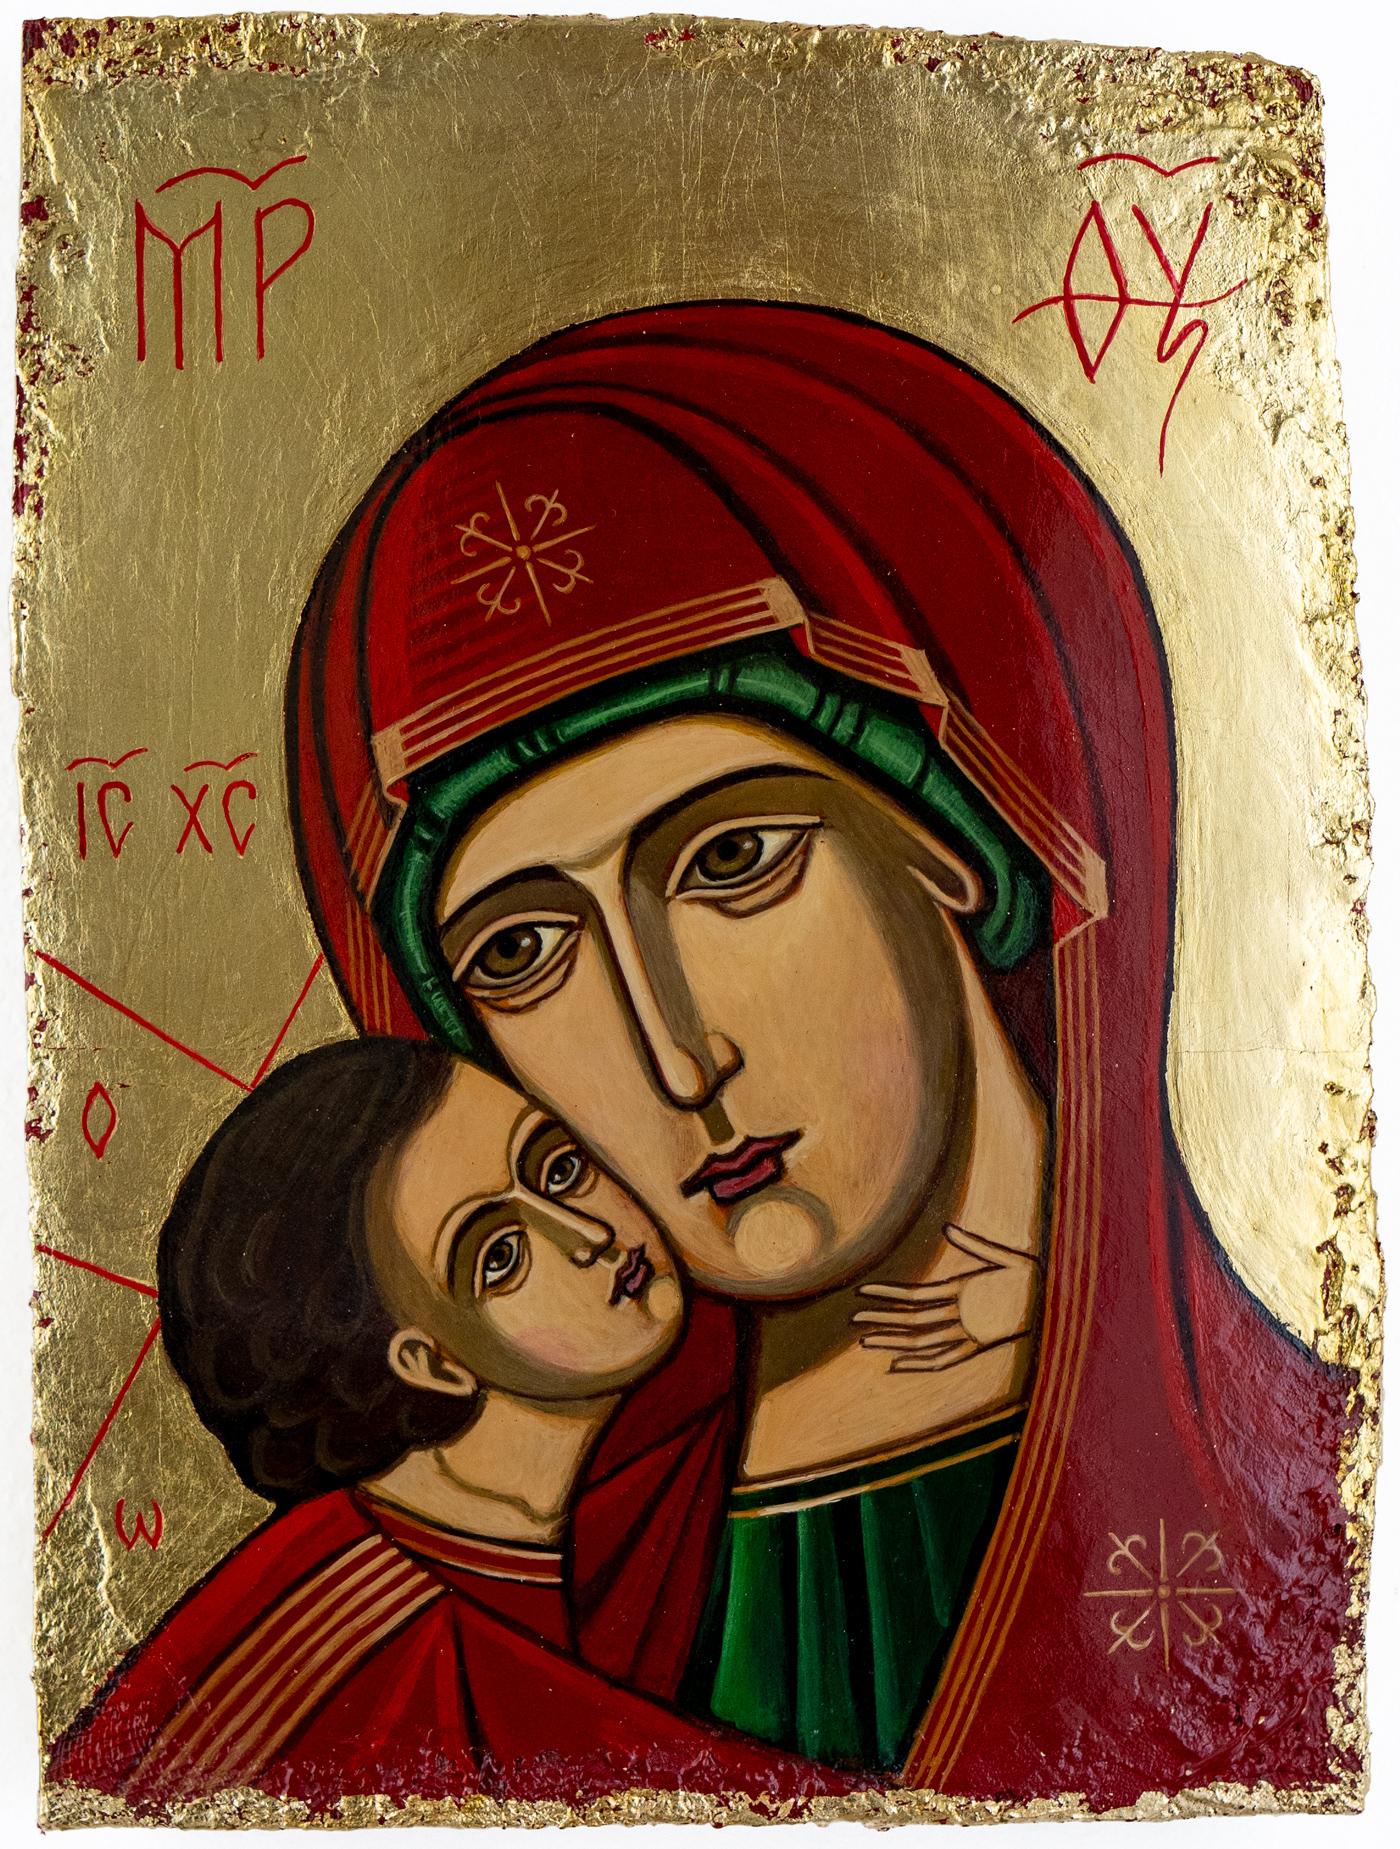 ikona Matki Bożej Czułej